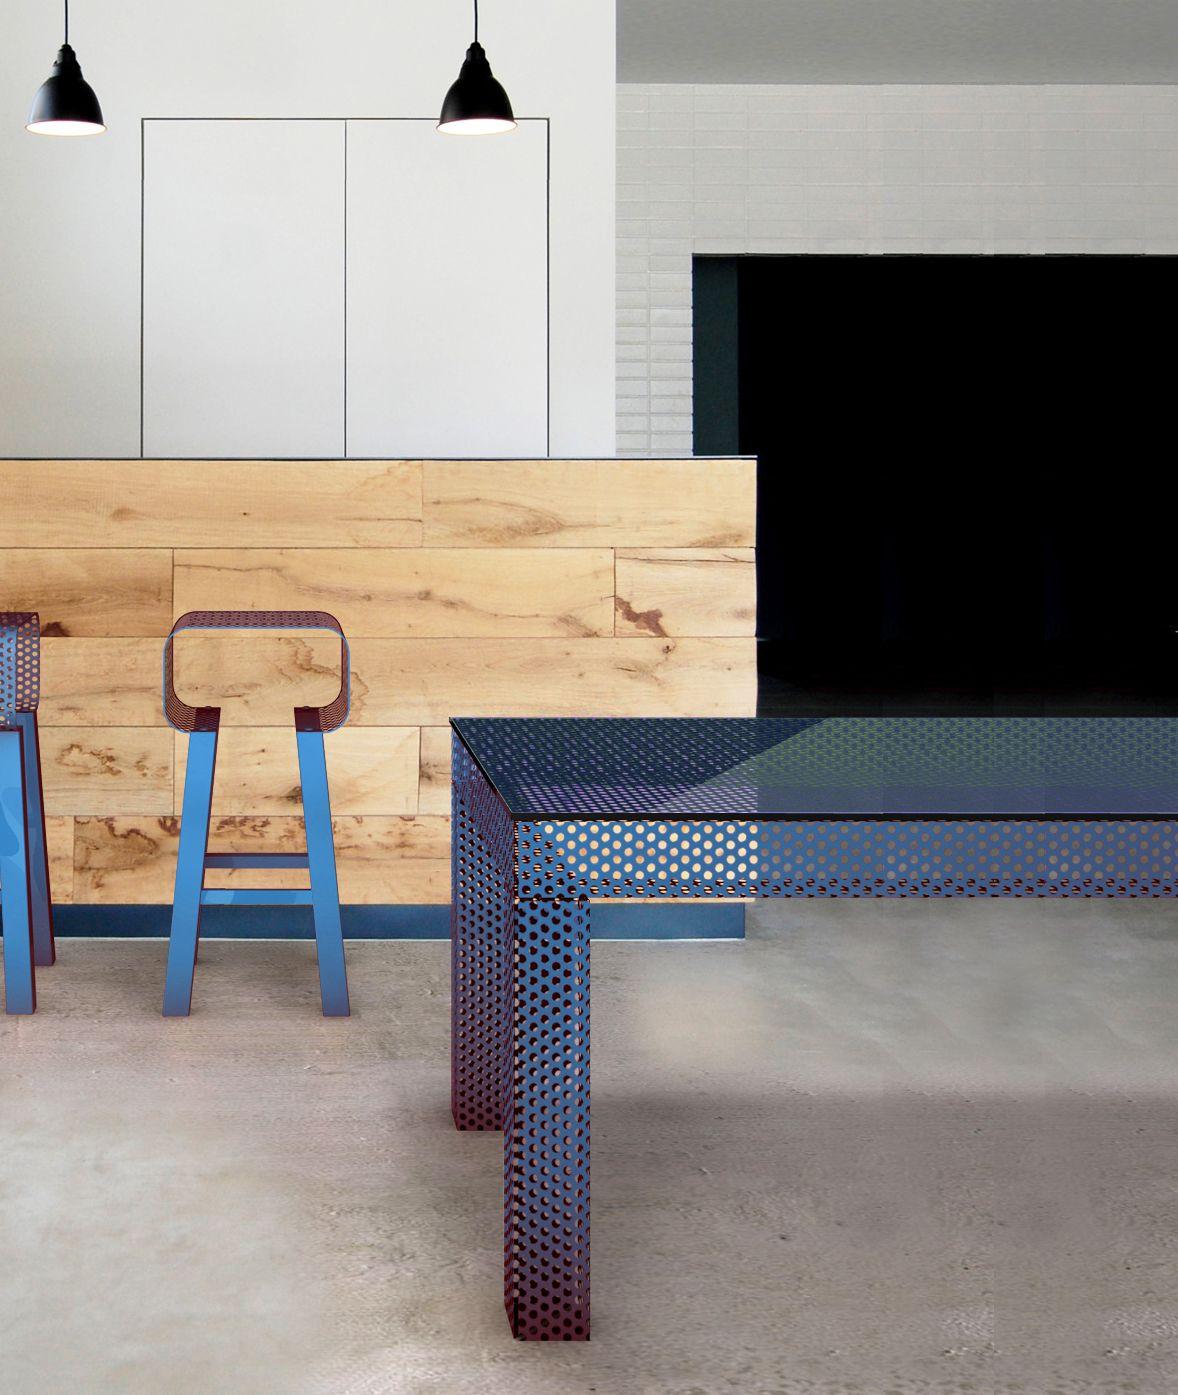 Easy tavolo quadrato by garda design design piter perbellini for Tavolo quadrato design